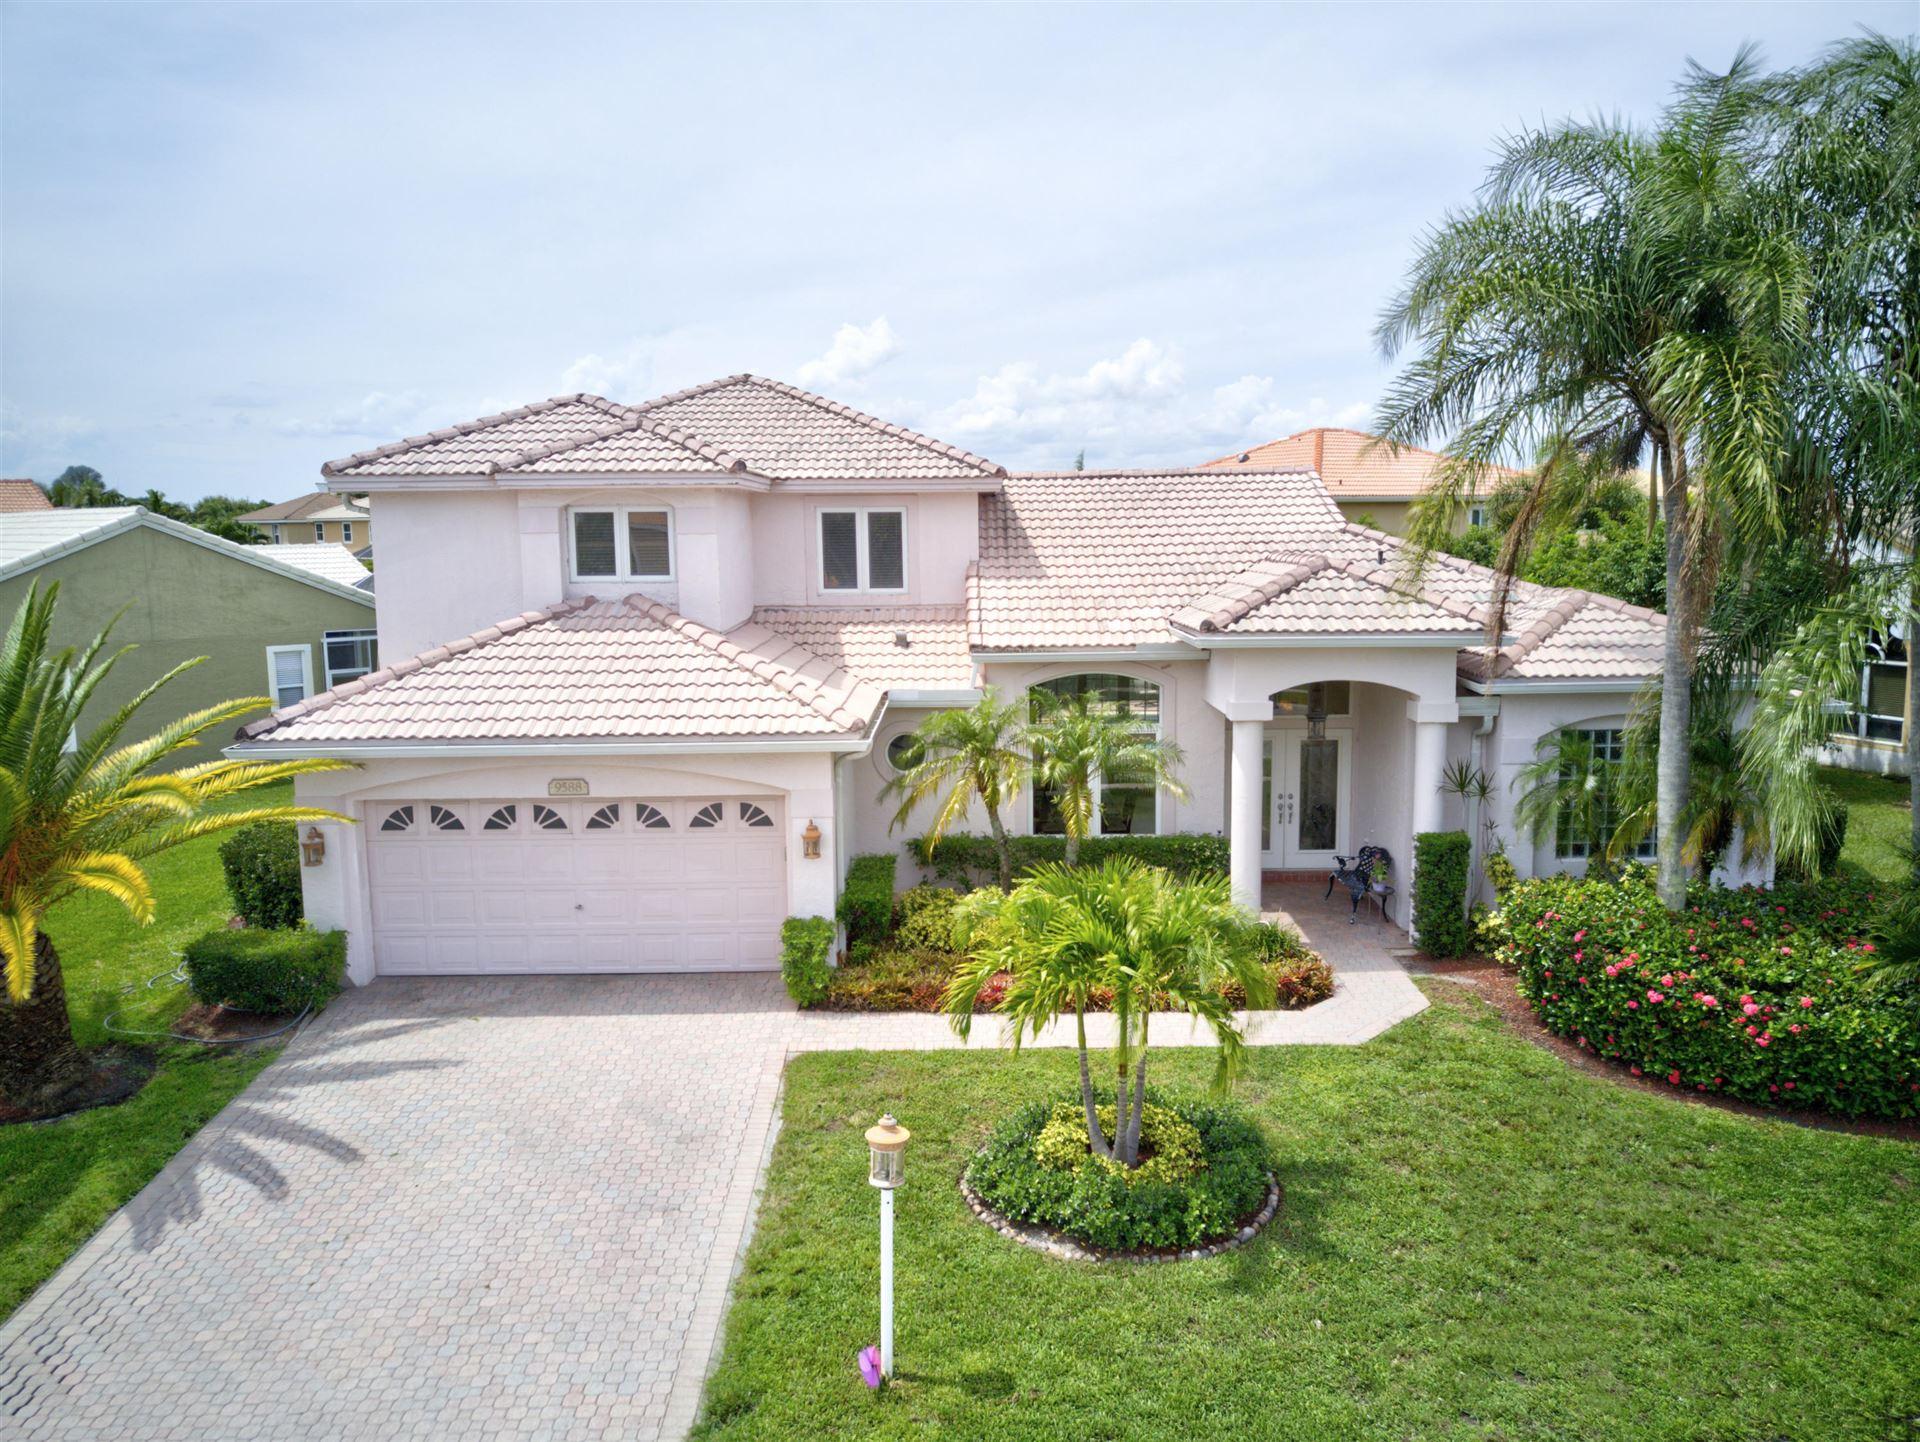 9588 Lake Serena Drive, Boca Raton, FL 33496 - #: RX-10627451